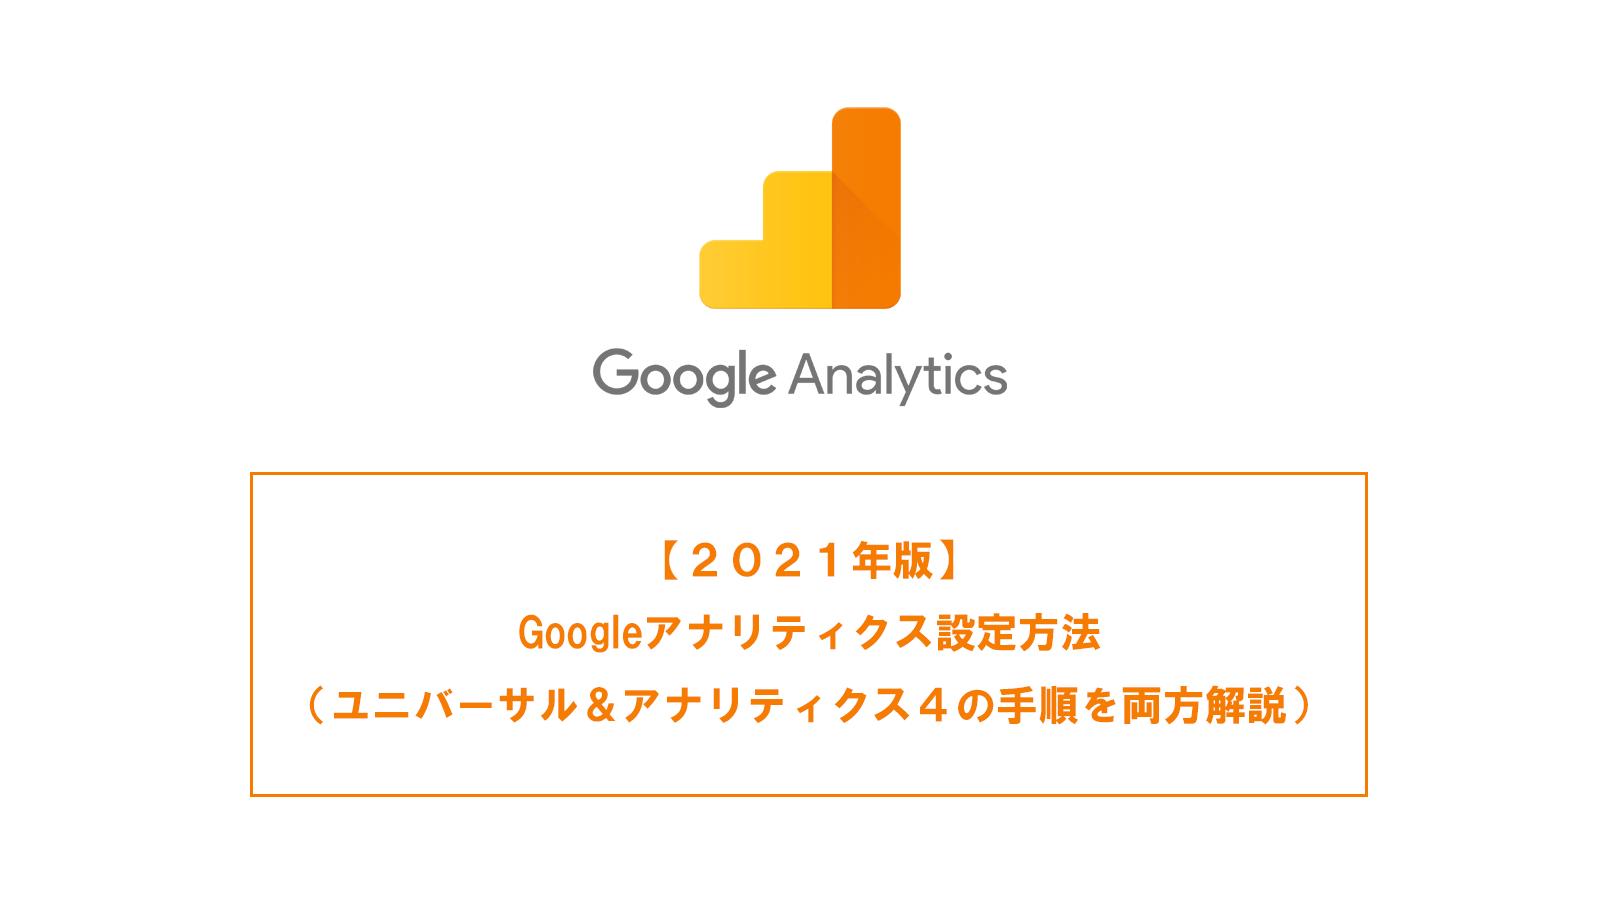 【2021年版】Googleアナリティクスの設定方法(ユニバーサルアナリティクス&Googleアナリティクス4も両方完璧)